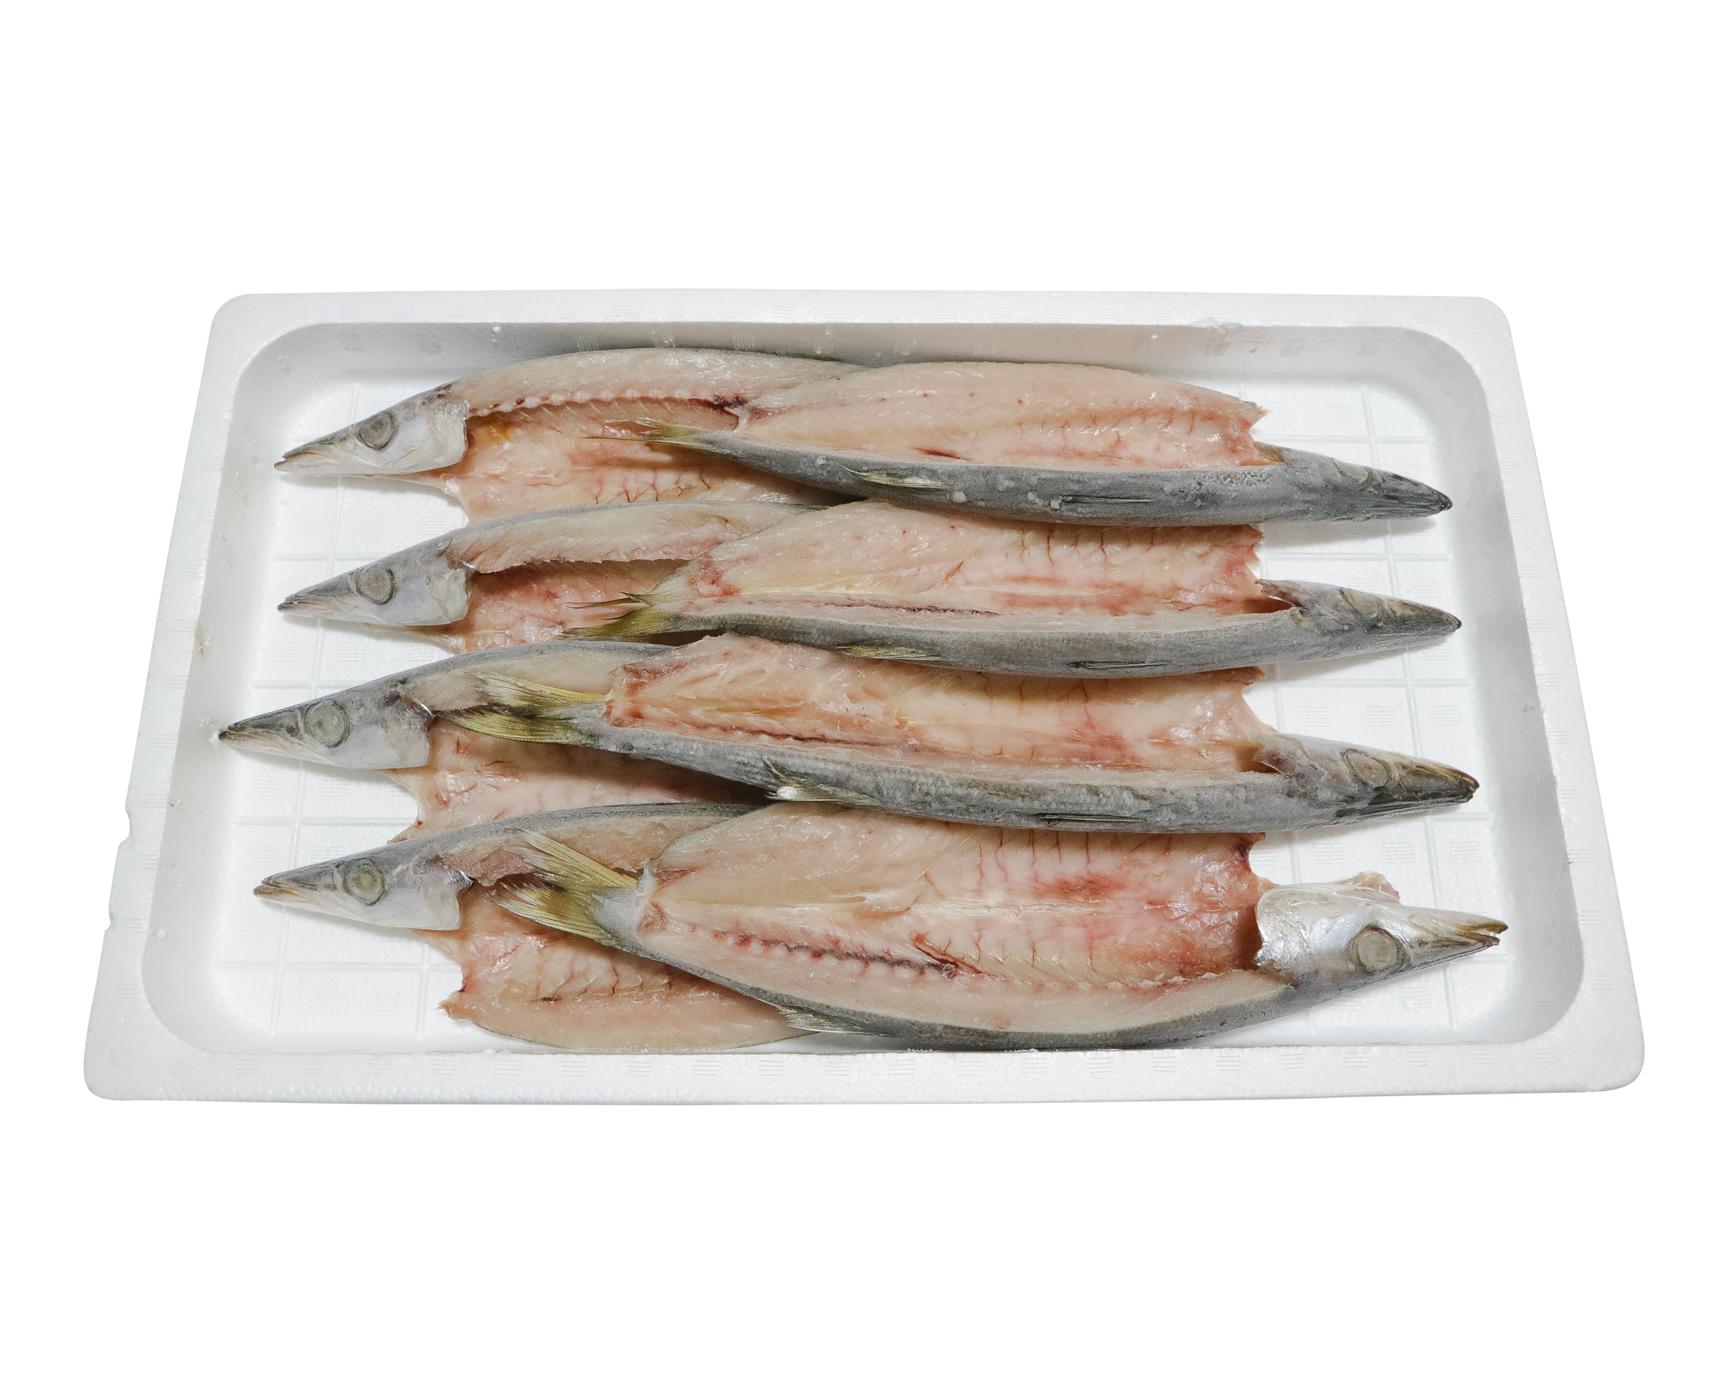 お皿からはみ出るでっかいカマス8枚【特売】